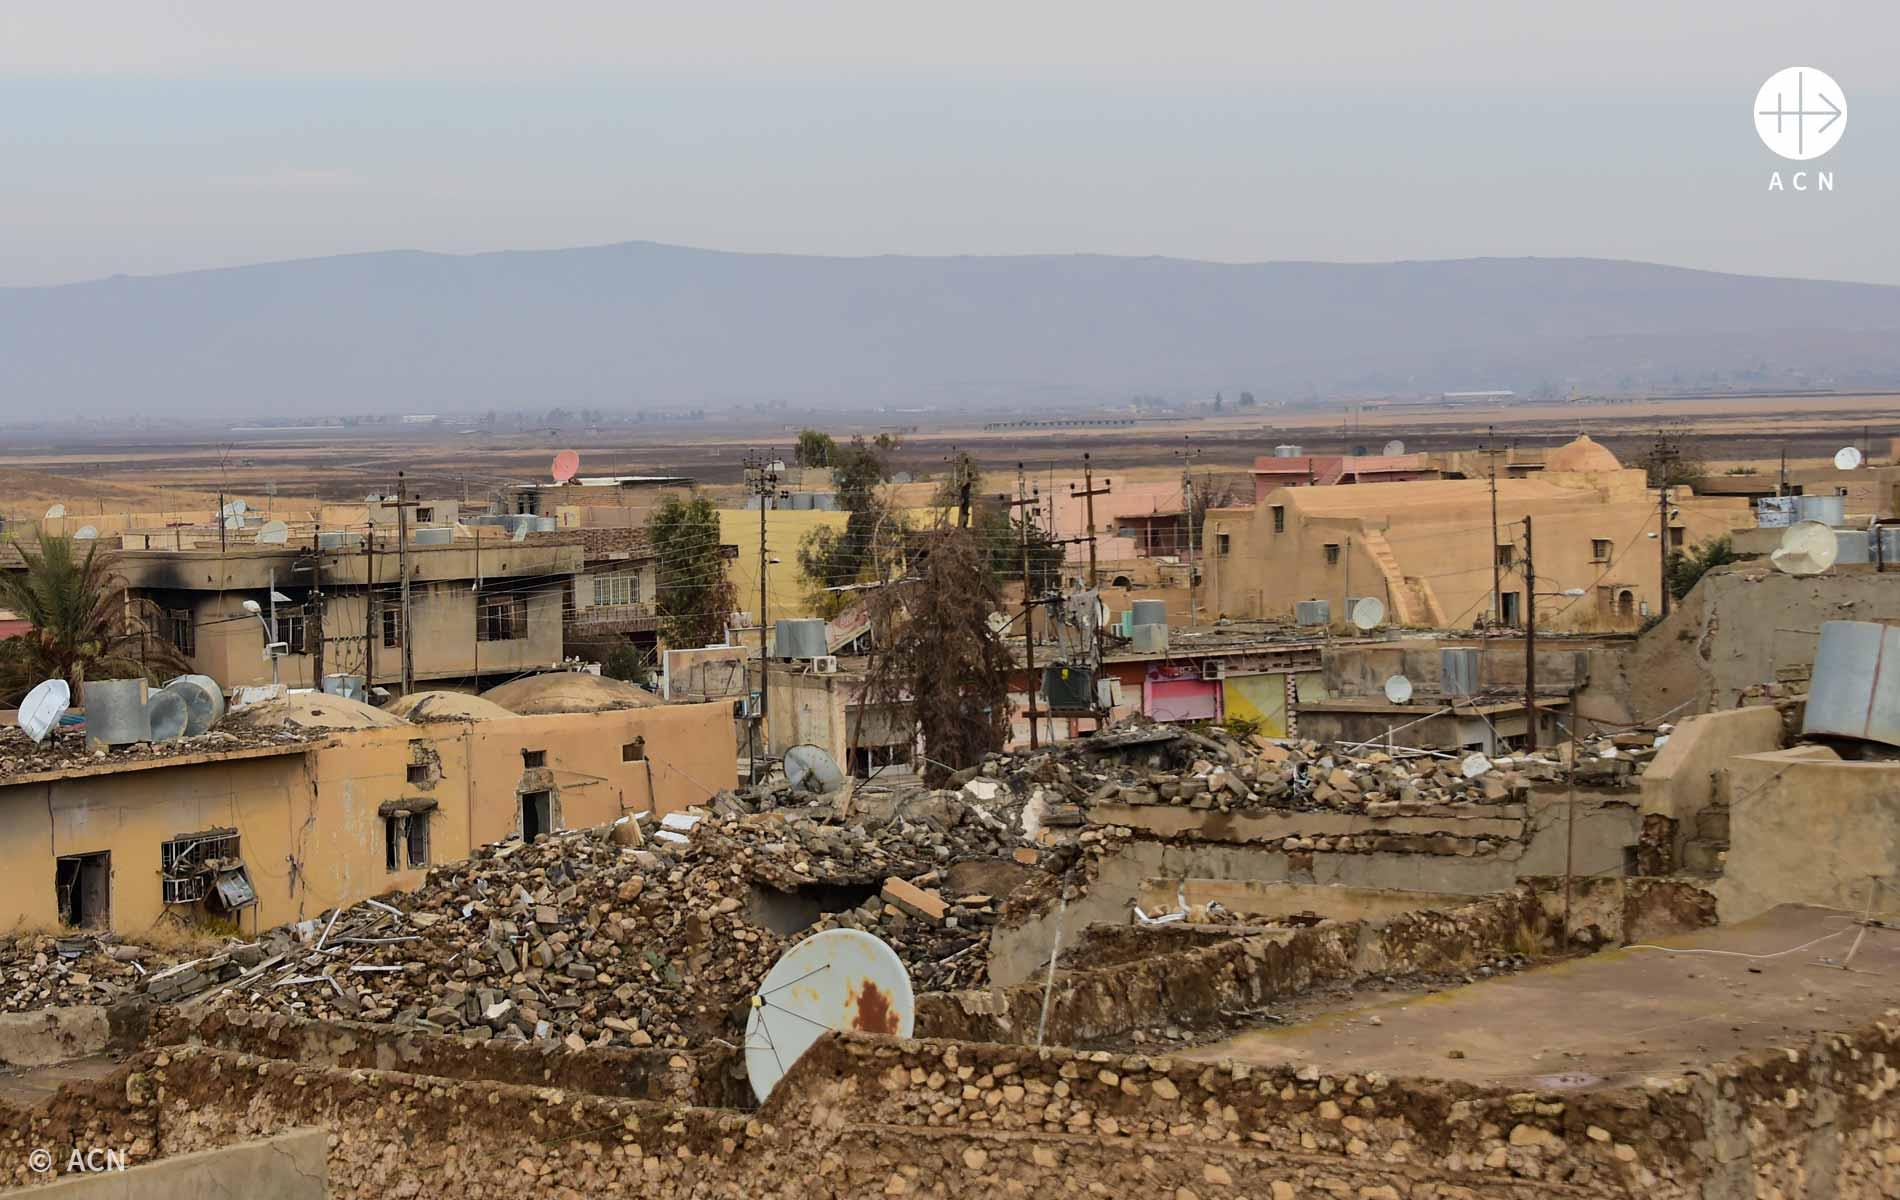 Foto da região do Iraque com casas destruídas